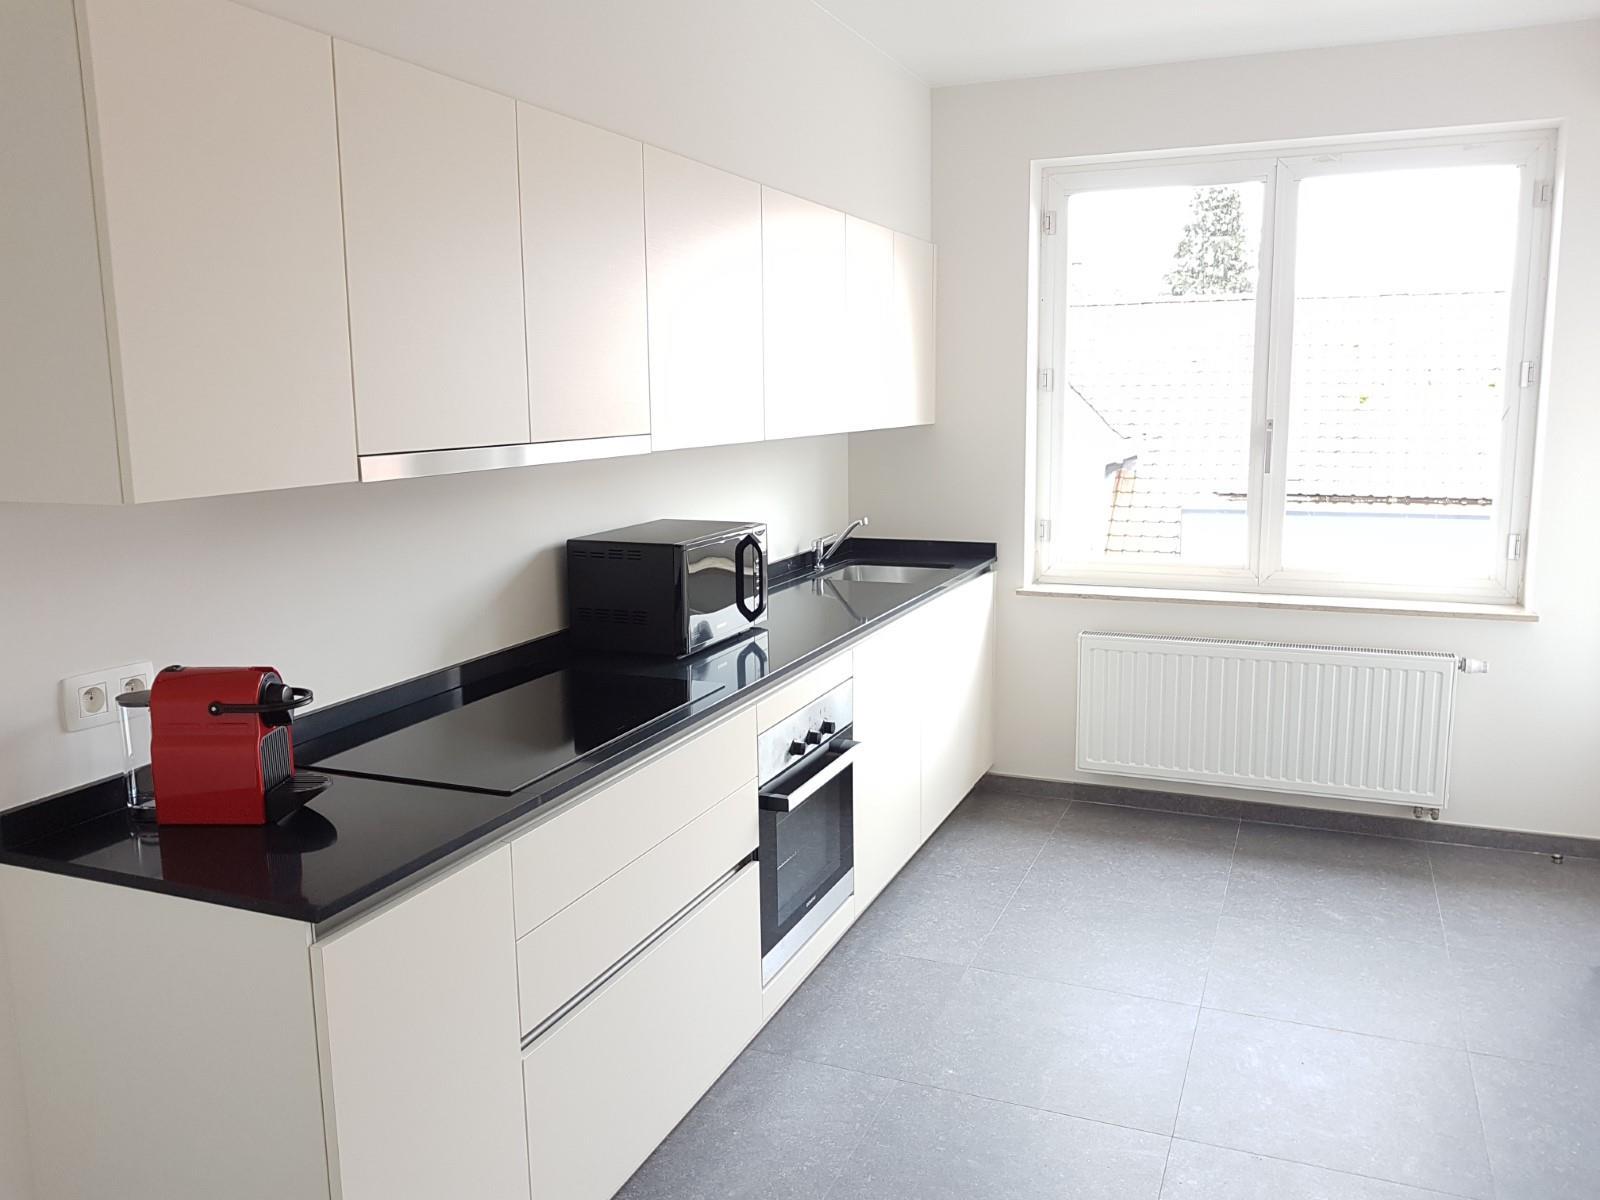 Appartement exceptionnel - Rhode-Saint-Genèse - #4056371-27